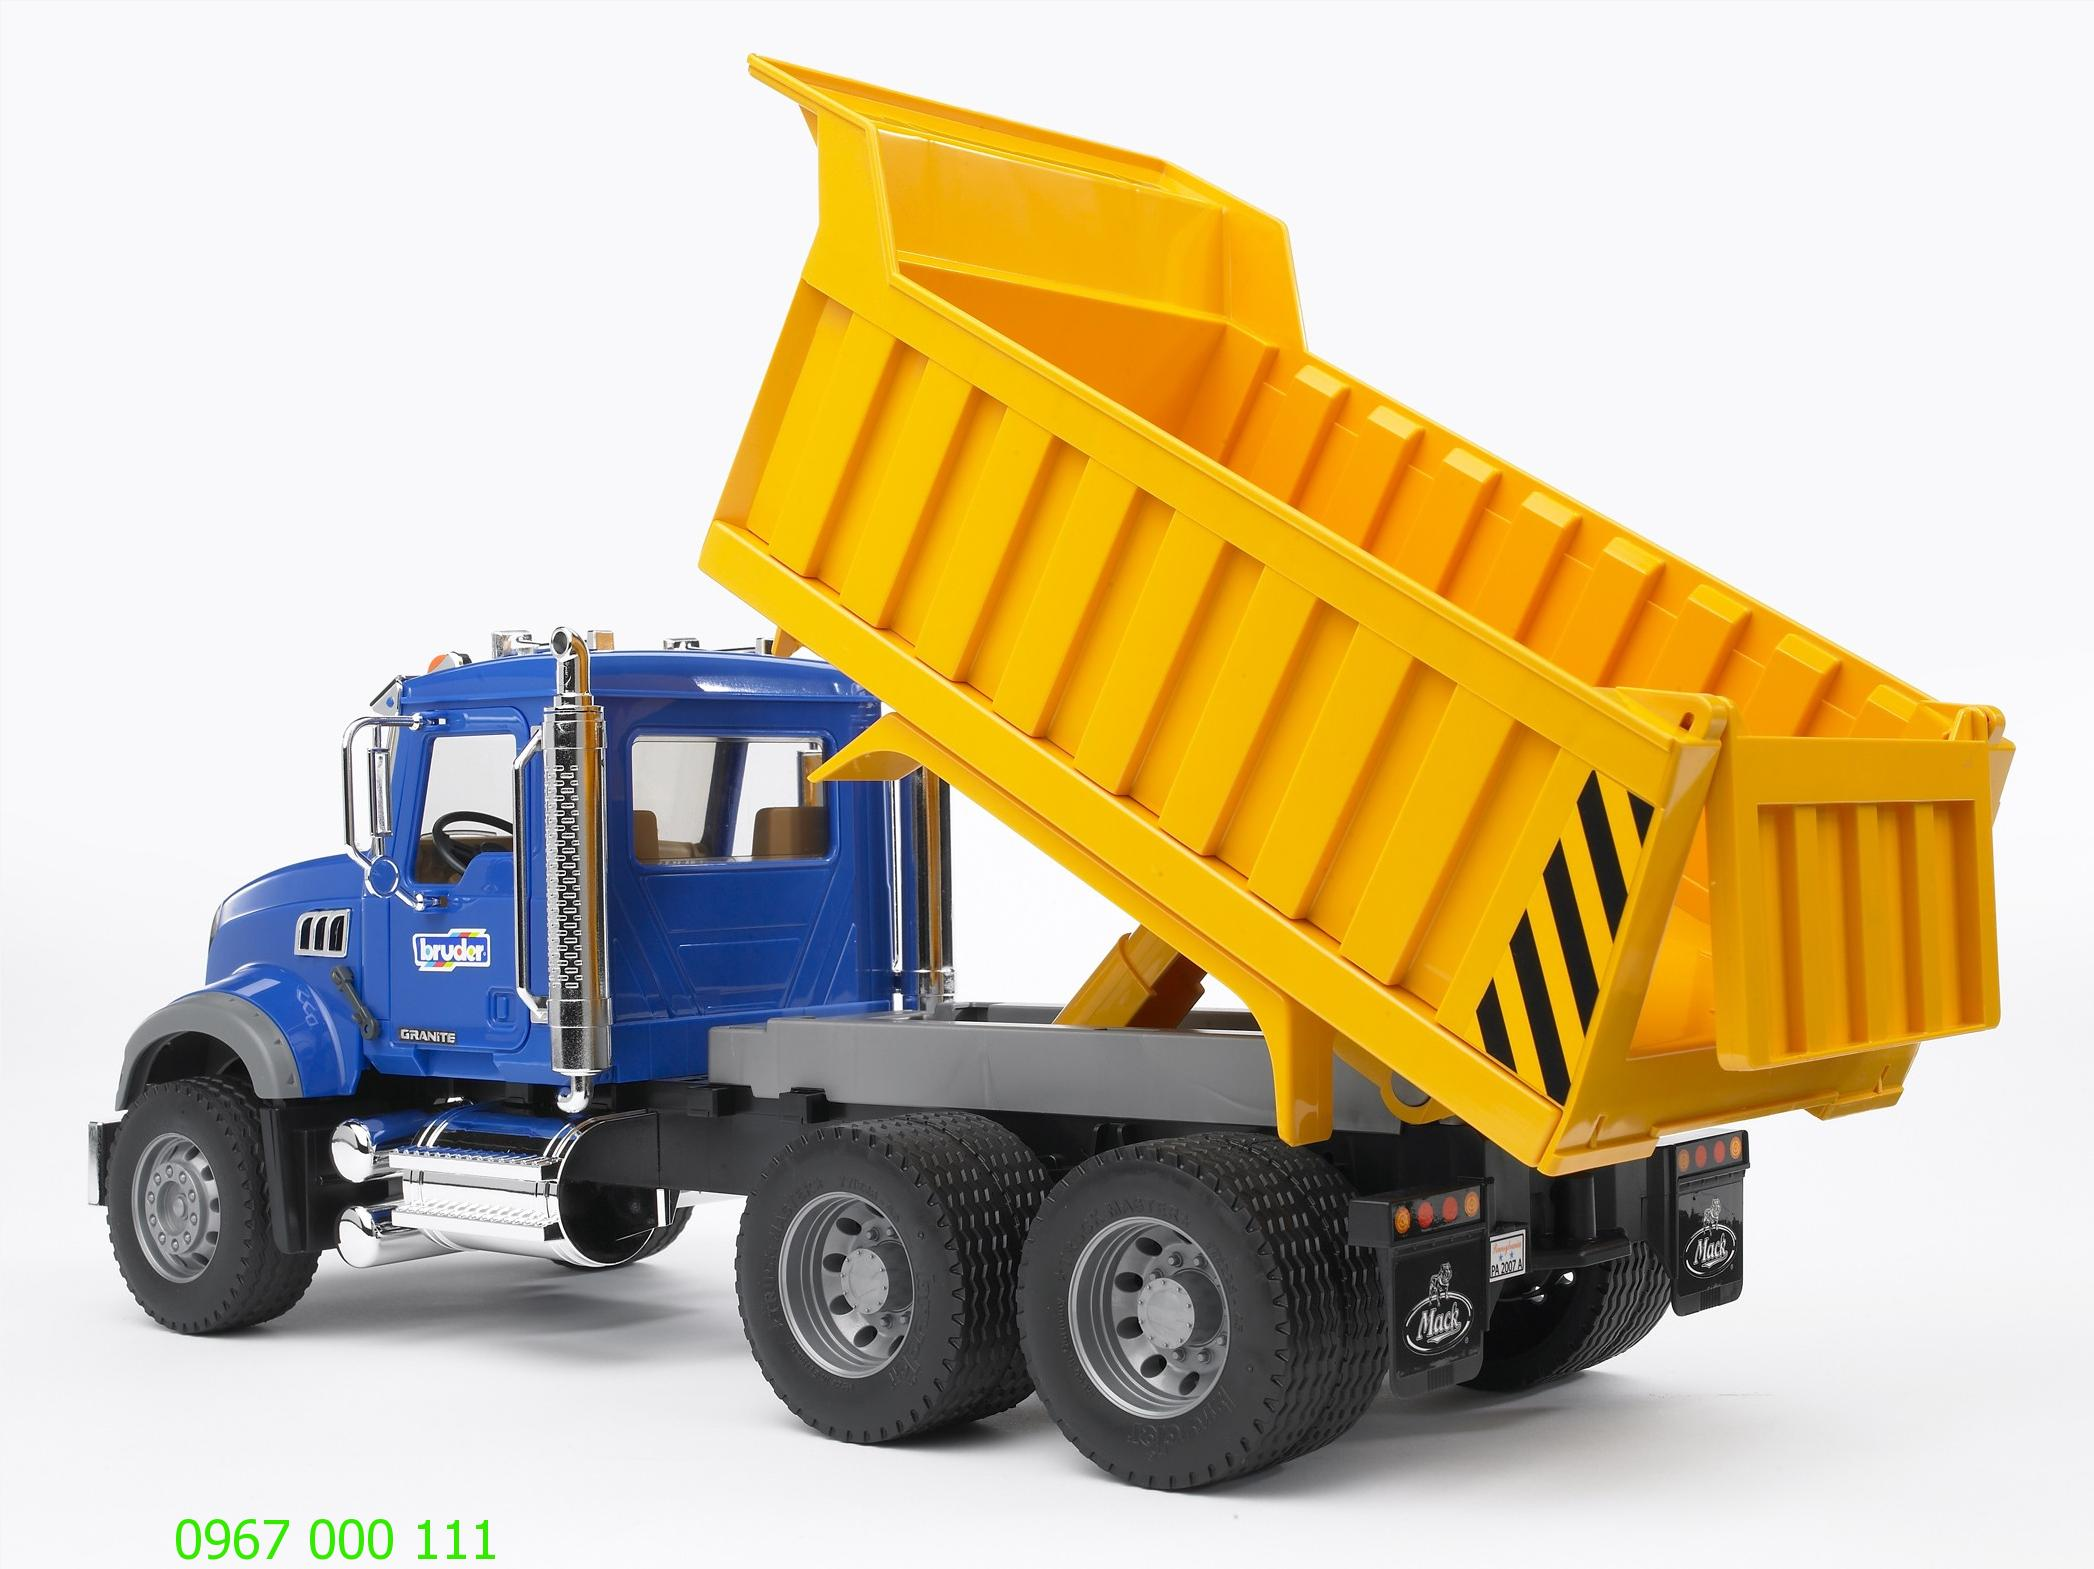 Cho thuê xe tải chở hàng tại Hà Nội giá rẻ nhất